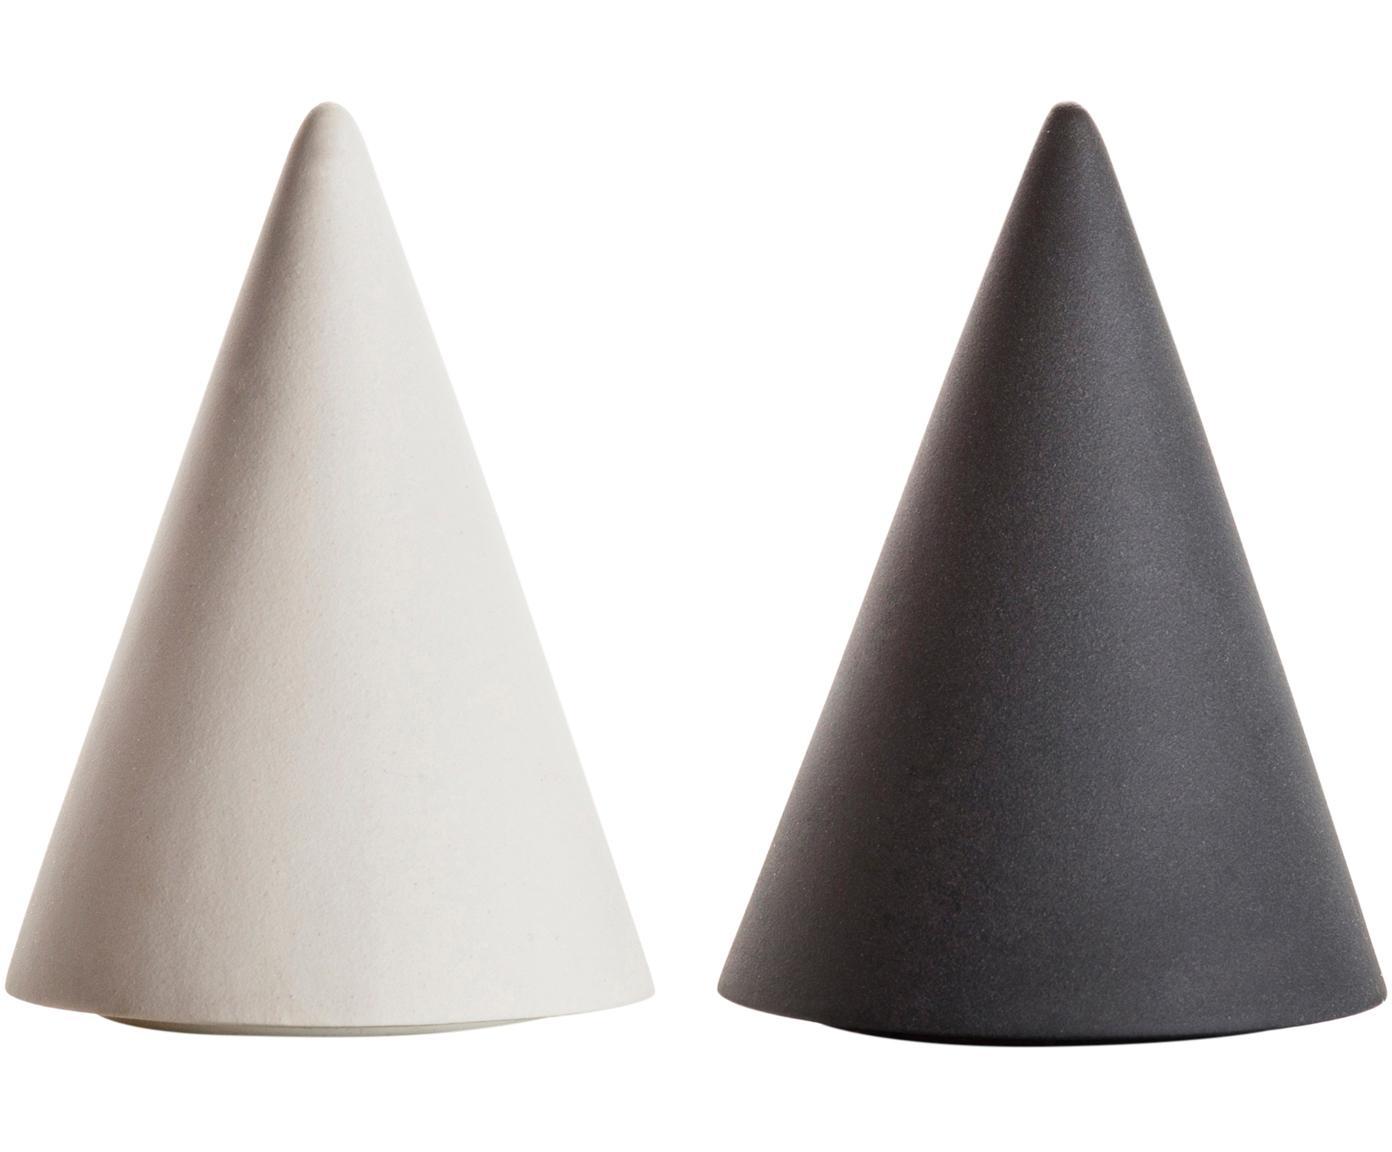 Designer Salz- und Pfefferstreuer Cone aus Porzellan, 2er-Set, Porzellan, Silikon, Weiss, Anthrazit, Ø 6 x H 8 cm